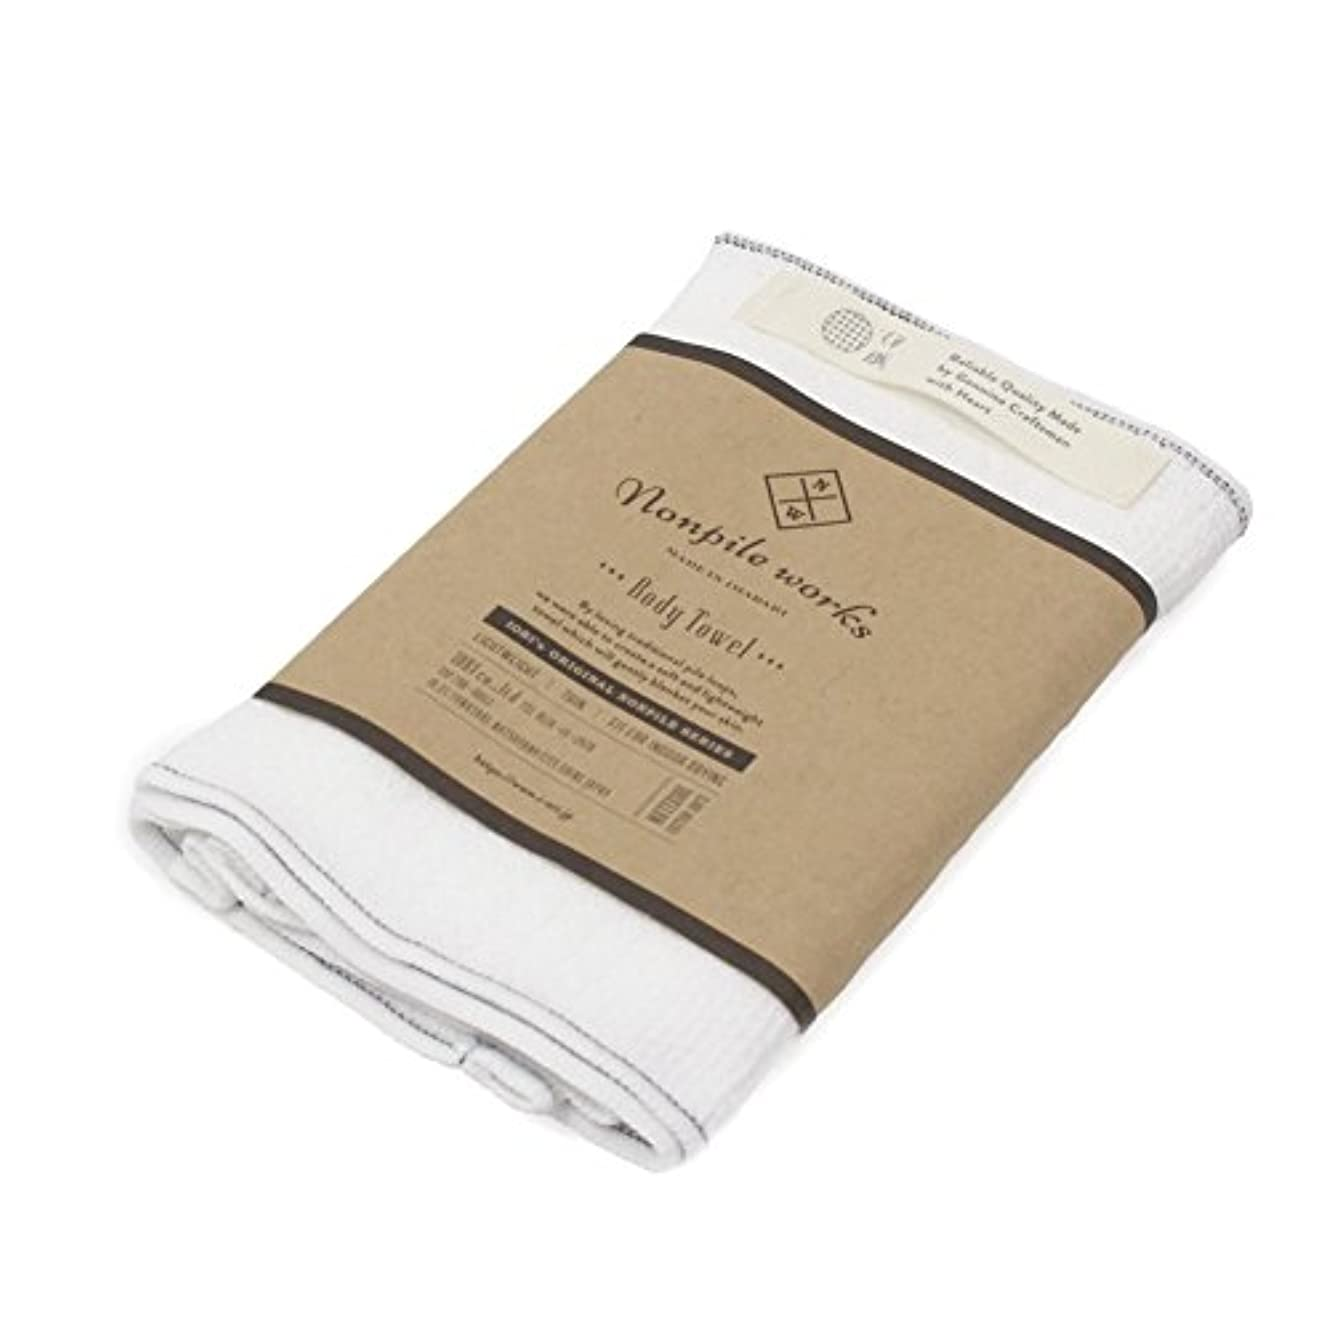 記念日ビタミン付録今治産 ボディタオル 16x85cm nonpile works Body Towel 伊織 (ホワイト)